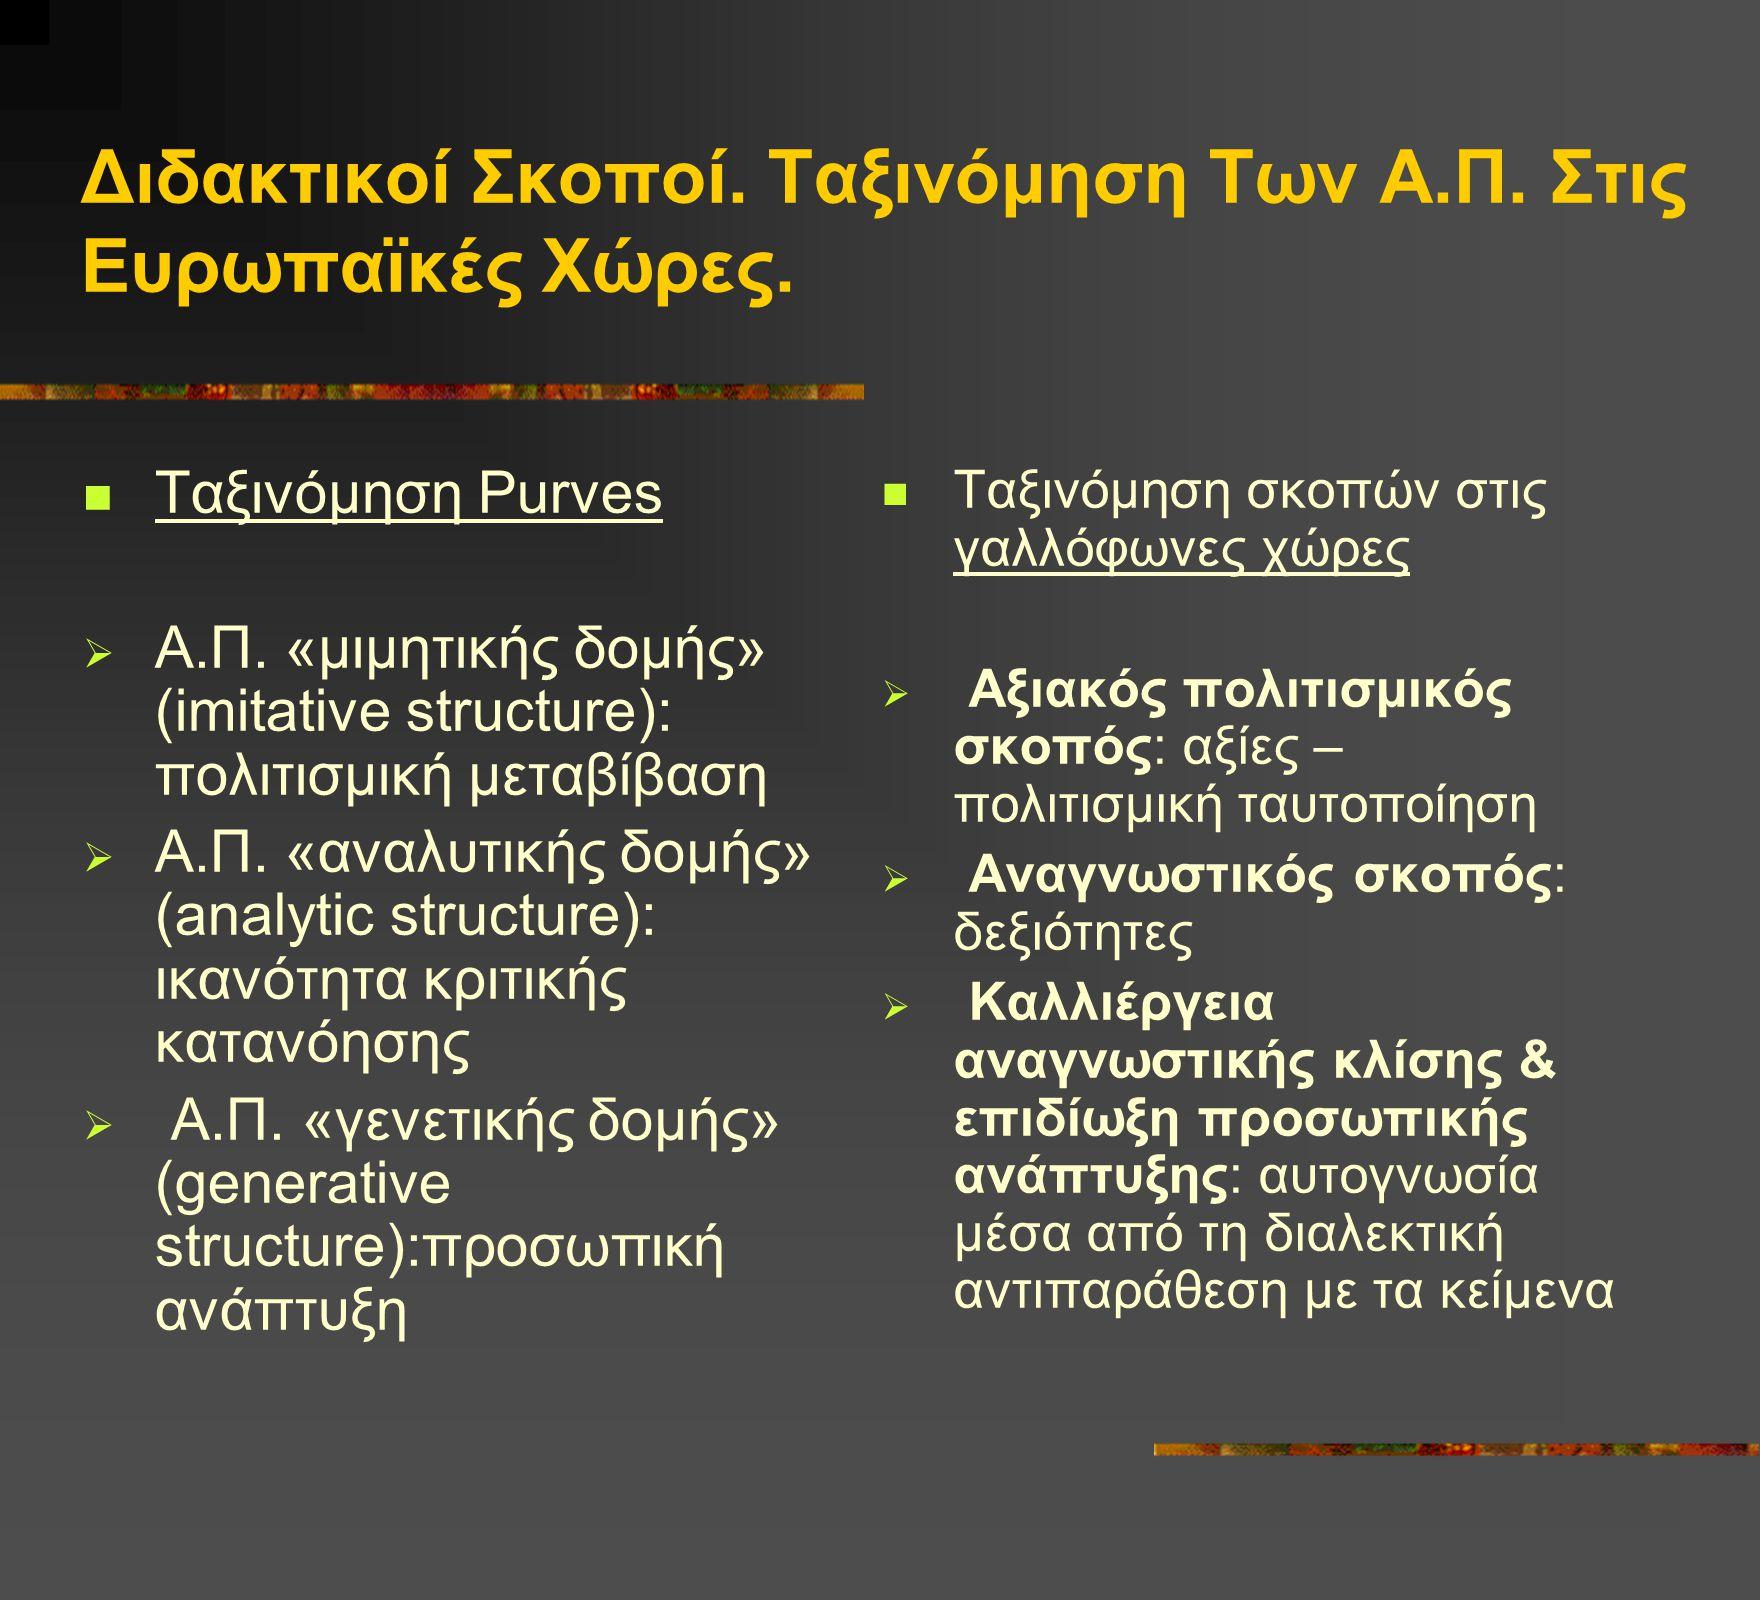 Ελληνικό Πρόγραμμα Σπουδών Α.Π 1985-1999: Πολιτισμική μεταβίβαση Ε.Π.Π.Σ (1998-99).: Δημιουργία επαρκών αναγνωστών (αναλυτική δομή) αλλά και πίστη στην ευεργετική επίδραση της ποιοτικής λογοτεχνίας στο μαθητικό κοινό Π.Σ (1999-2000): εδραίωση στοιχείων της αναλυτικής δομής και ενσωμάτωση στοιχείων της γενετικής δομής, χωρίς όμως σαφείς ιεραρχήσεις ΑΠΠΣ (2002): έμφαση στην αισθητική και –λιγότερο- στη γλωσσική λειτουργία της λογ., αλλά και στη βιωματική ανταπόκριση και τις δημιουργικές αναγνώσεις ΔΕΠΠΣ (2002): Όλοι οι μέχρι τώρα σκοποί.